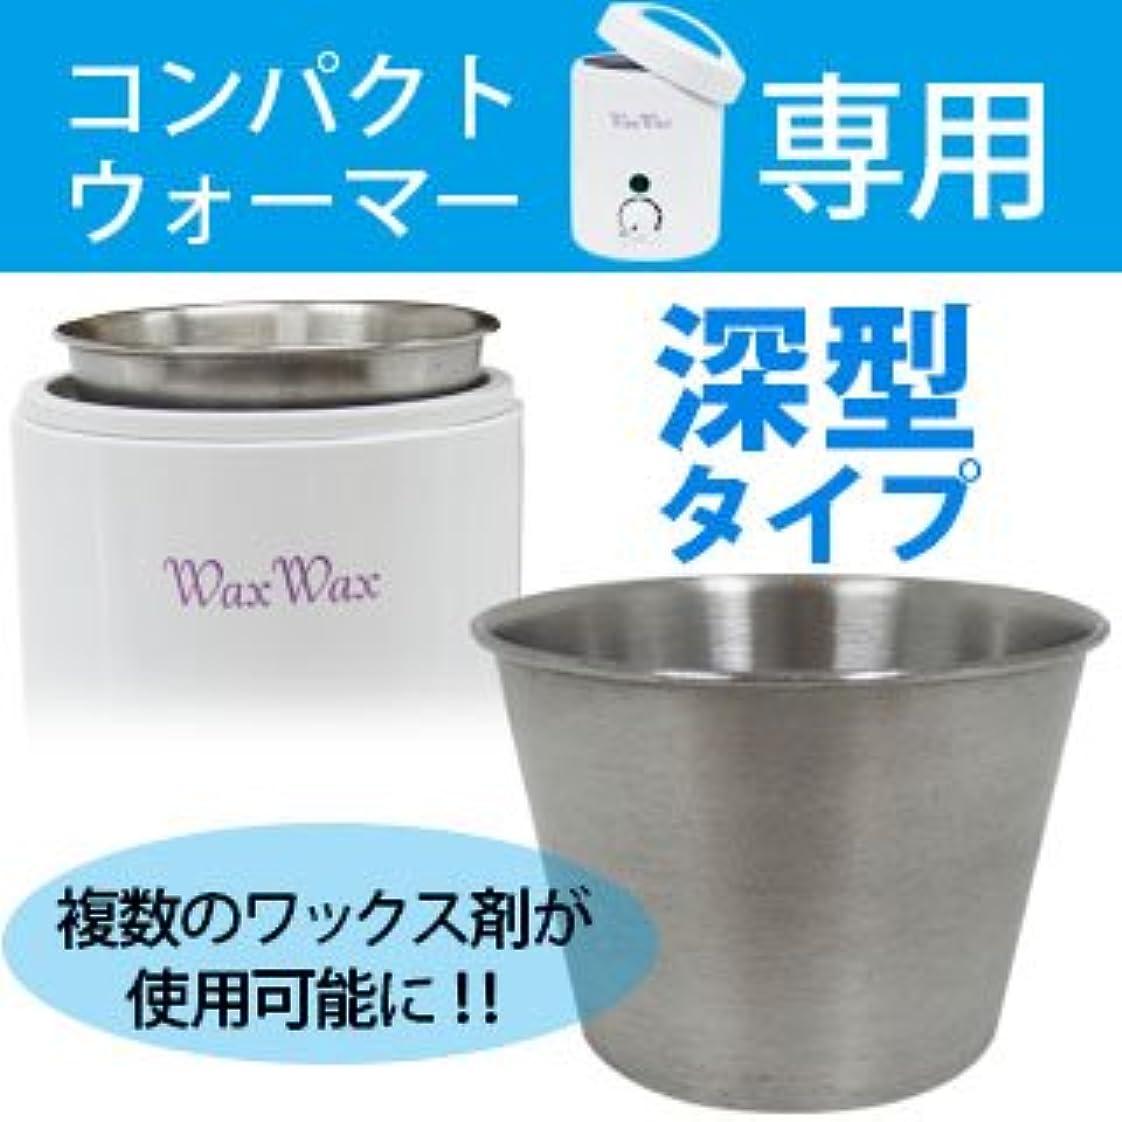 会計賠償段落【深型】コンパクトウォーマー専用 ハードワックス缶 空き缶 ナベ 鍋 ハード専用